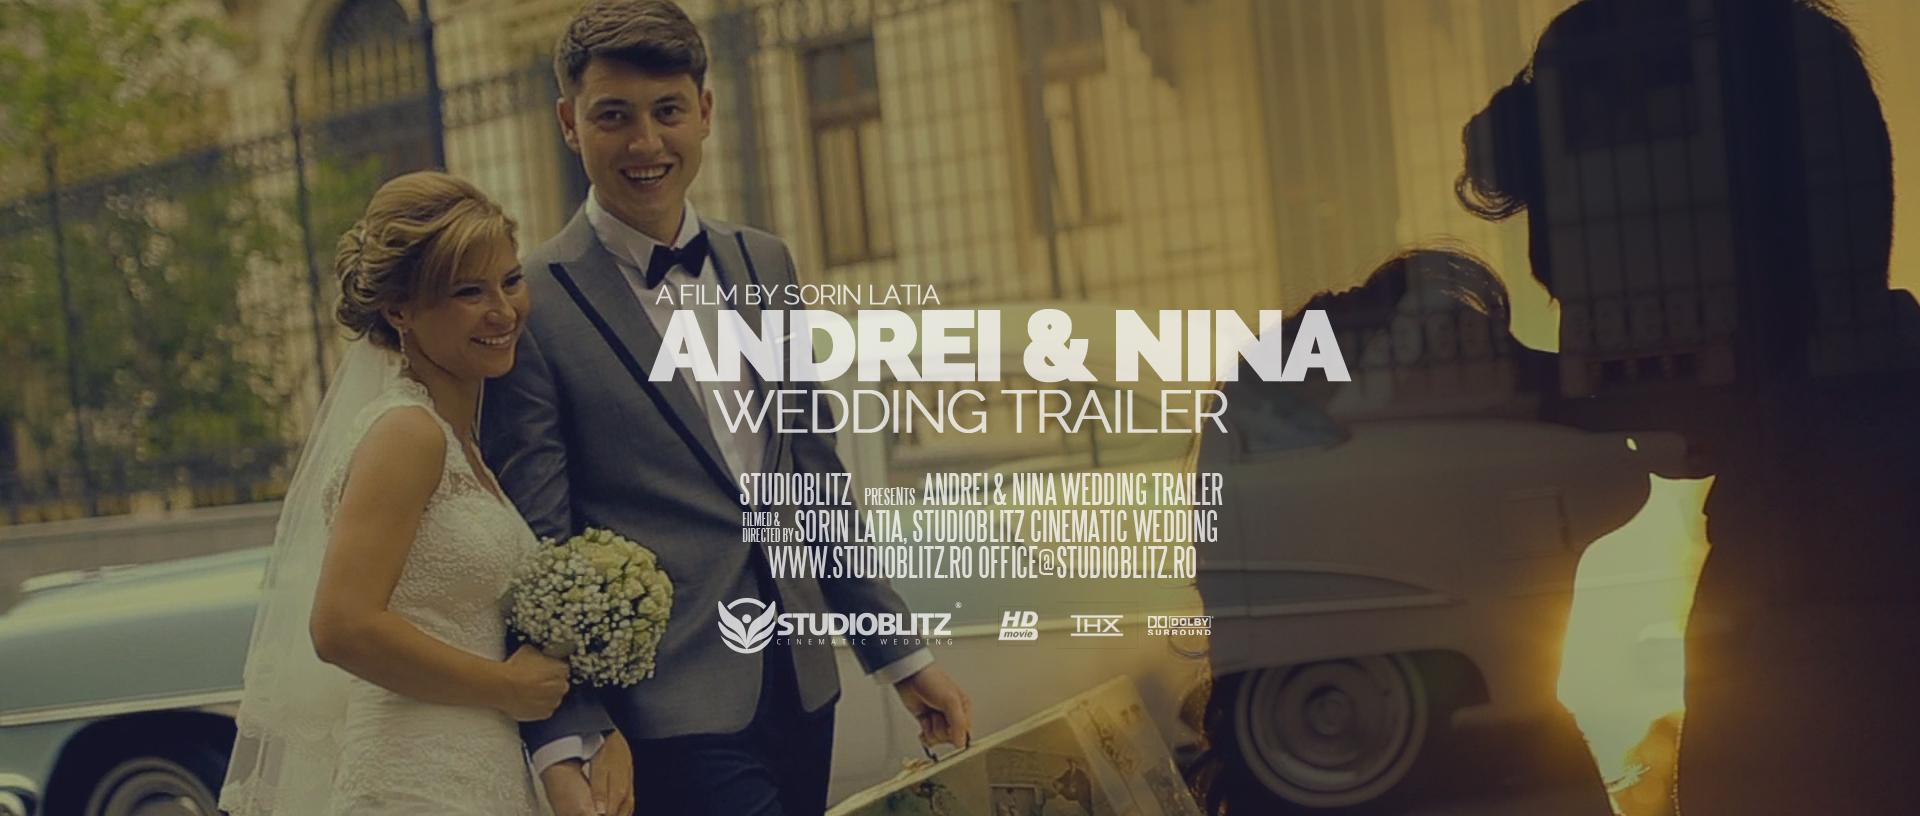 coperta-filmari-cu-drona-bucuresti-andrei-nina-wedding-trailer